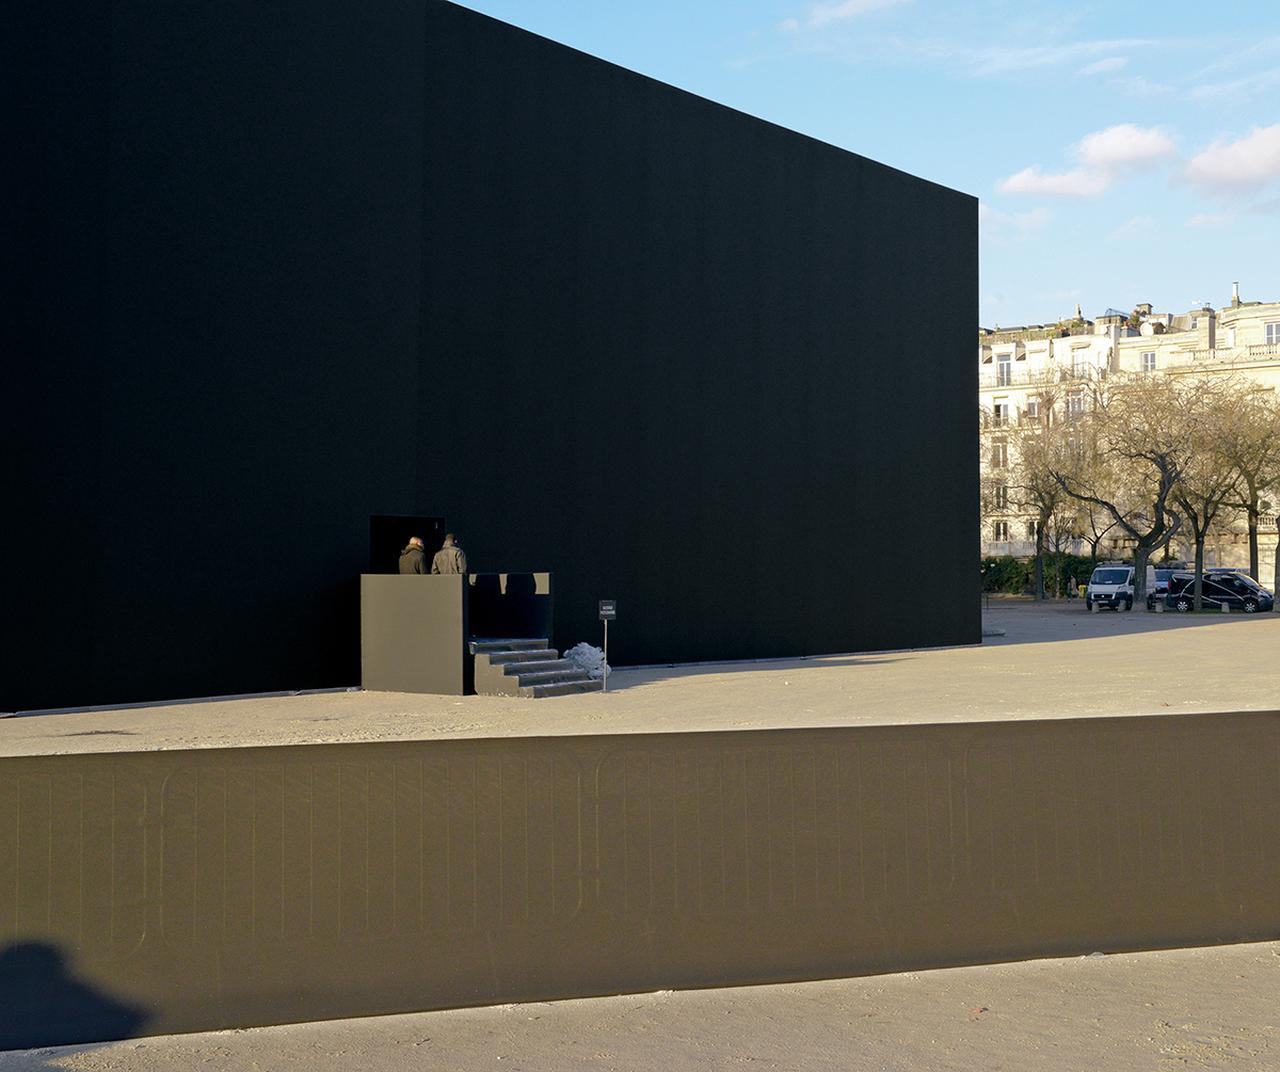 Images : 6番目の画像 - 「対極の要素が共存する 「ディオール」 キム・ジョーンズの世界」のアルバム - T JAPAN:The New York Times Style Magazine 公式サイト